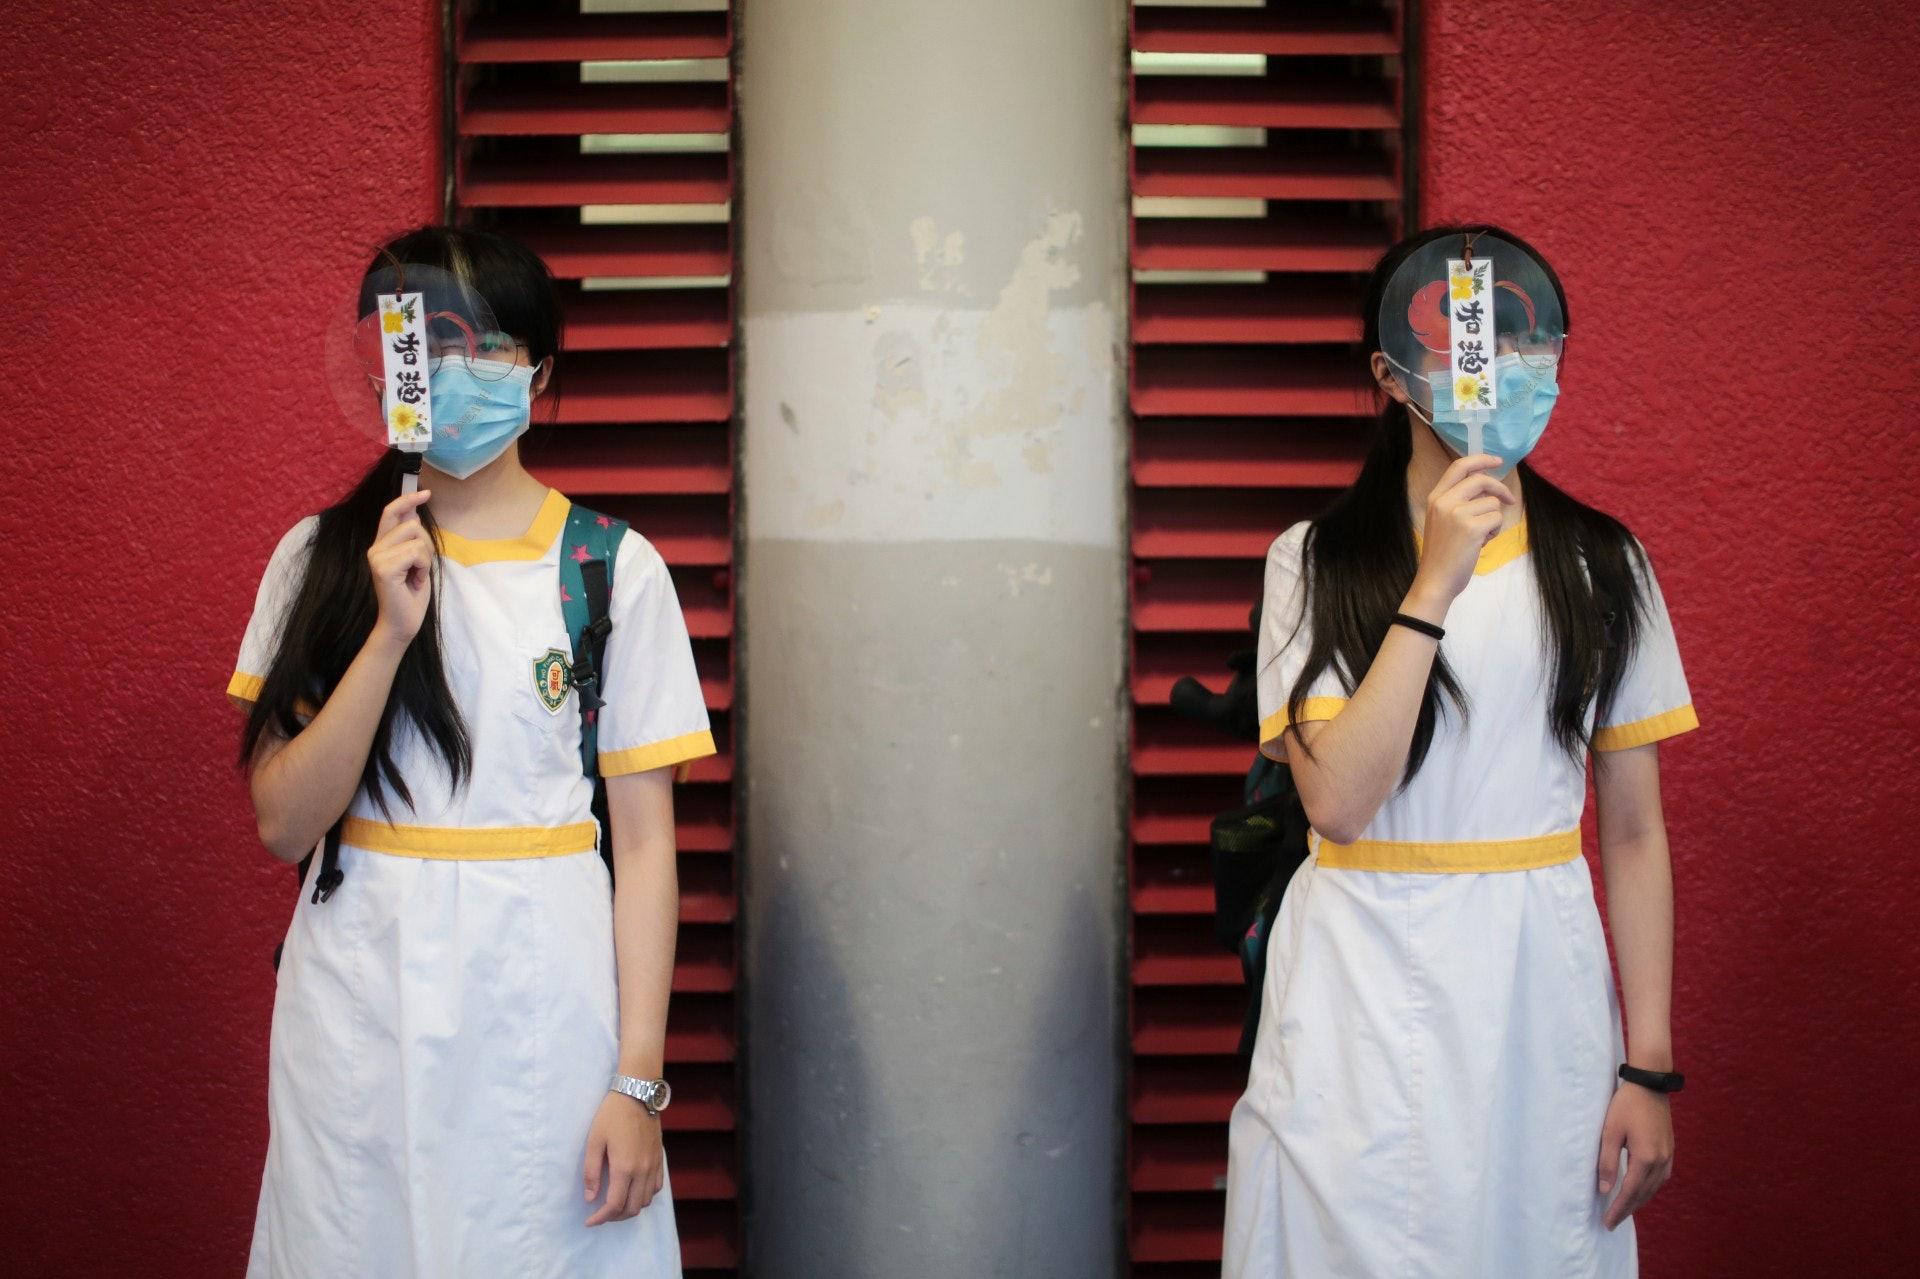 有參加荃灣學生人鏈的女生,掩住右眼。(李澤彤攝)